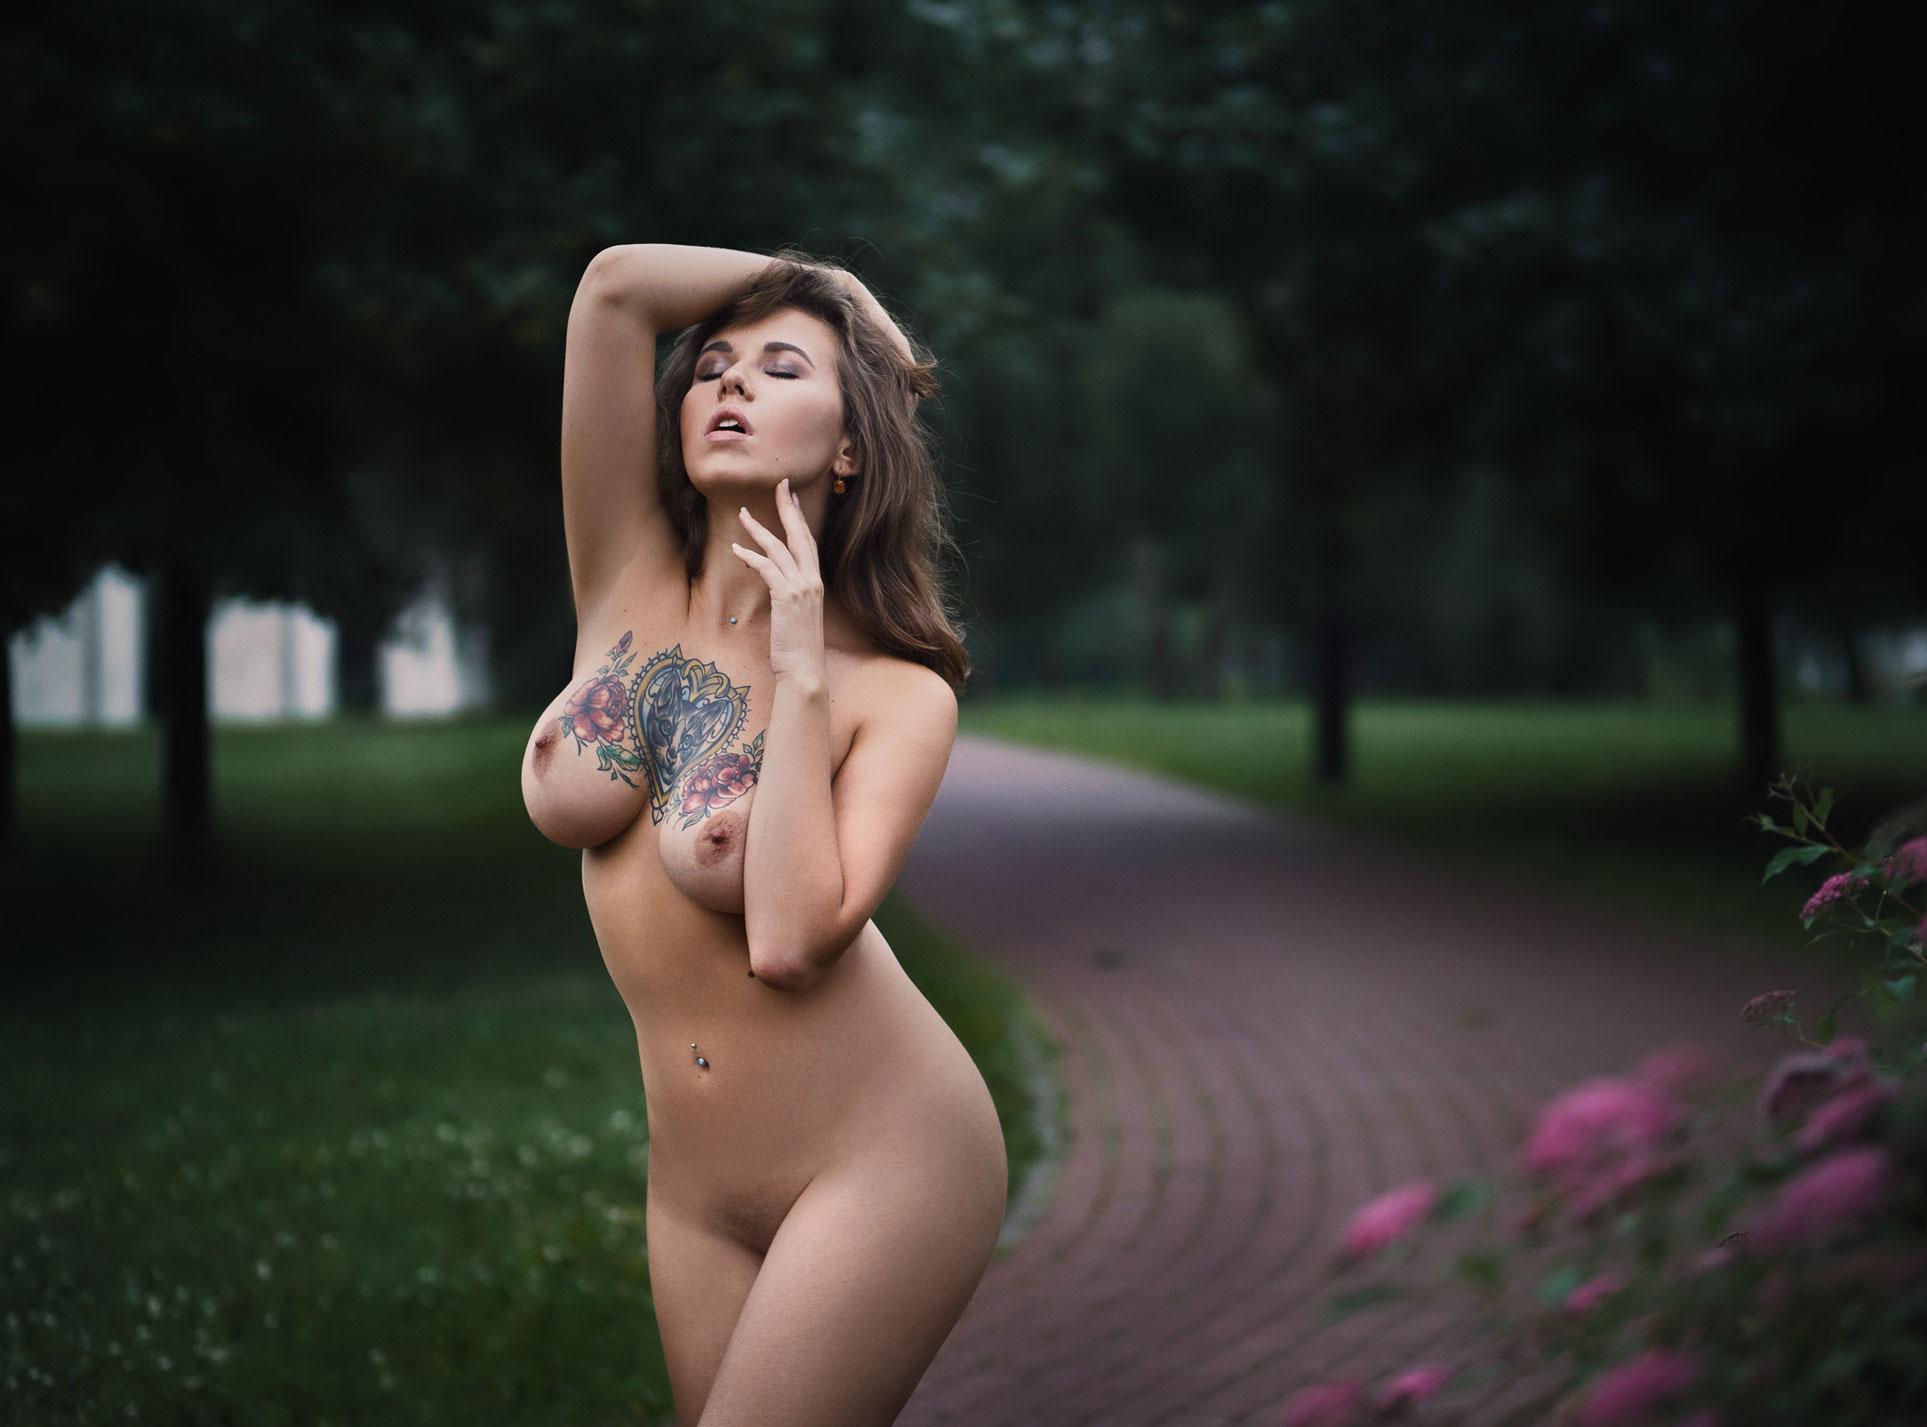 Катерина Прист гуляет голышом по парку / Katerina Prist nude by Victor Vodolazky